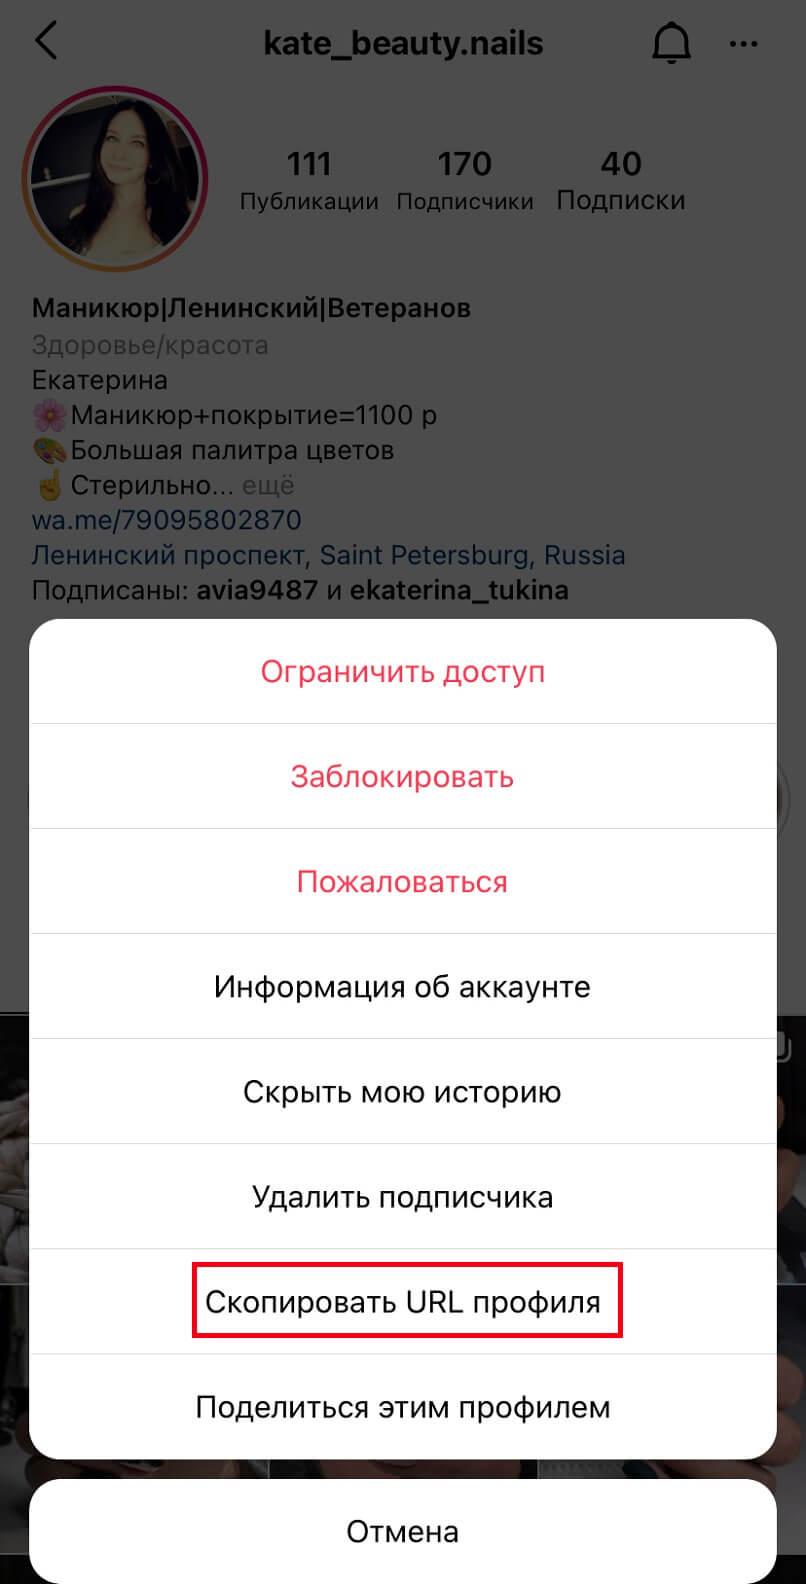 копируем URL-профиля